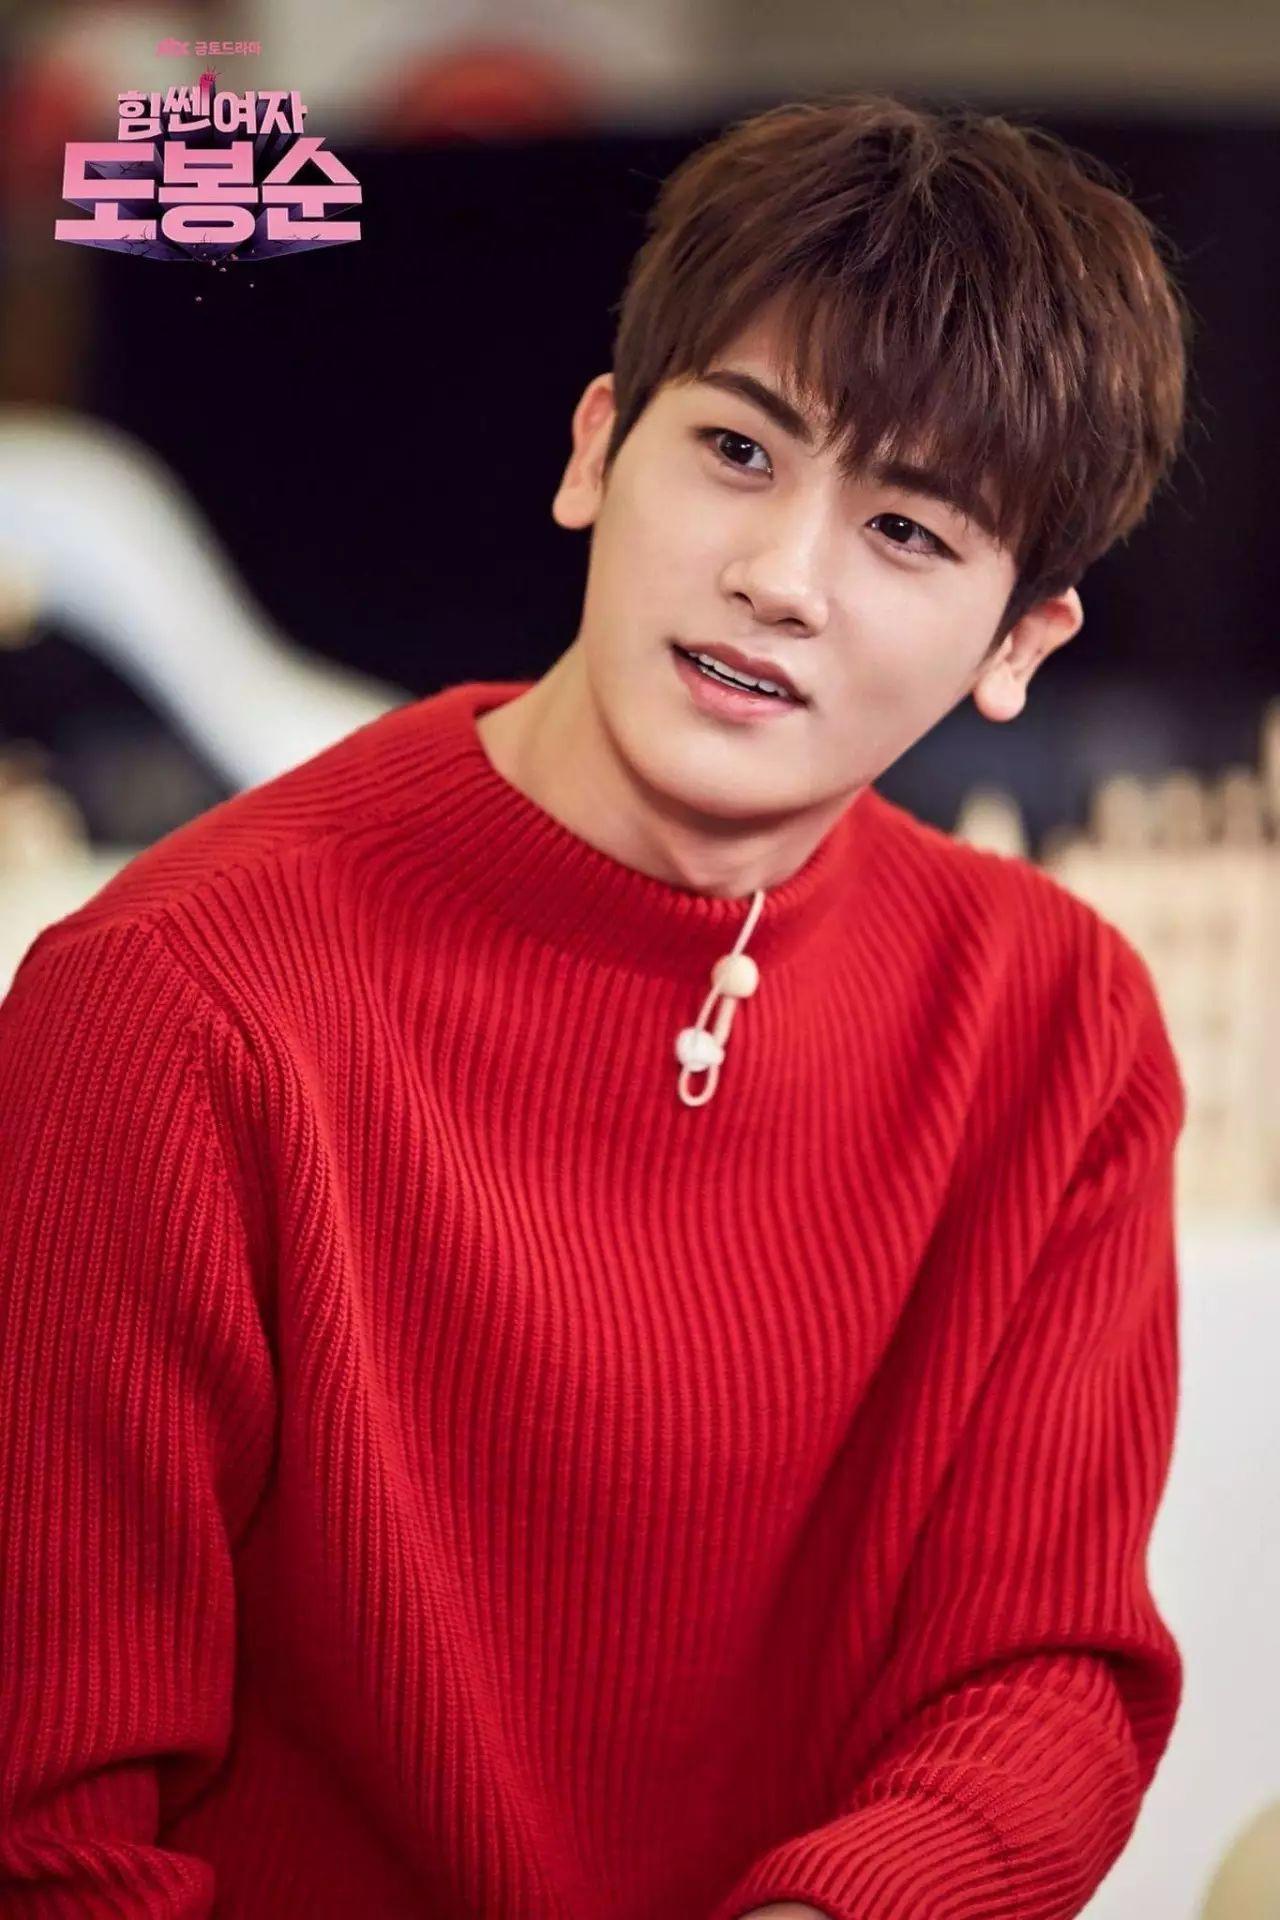 Hội idol Kpop debut để hát nhưng nên... làm nghề khác thì hơn (P.1) - Ảnh 7.